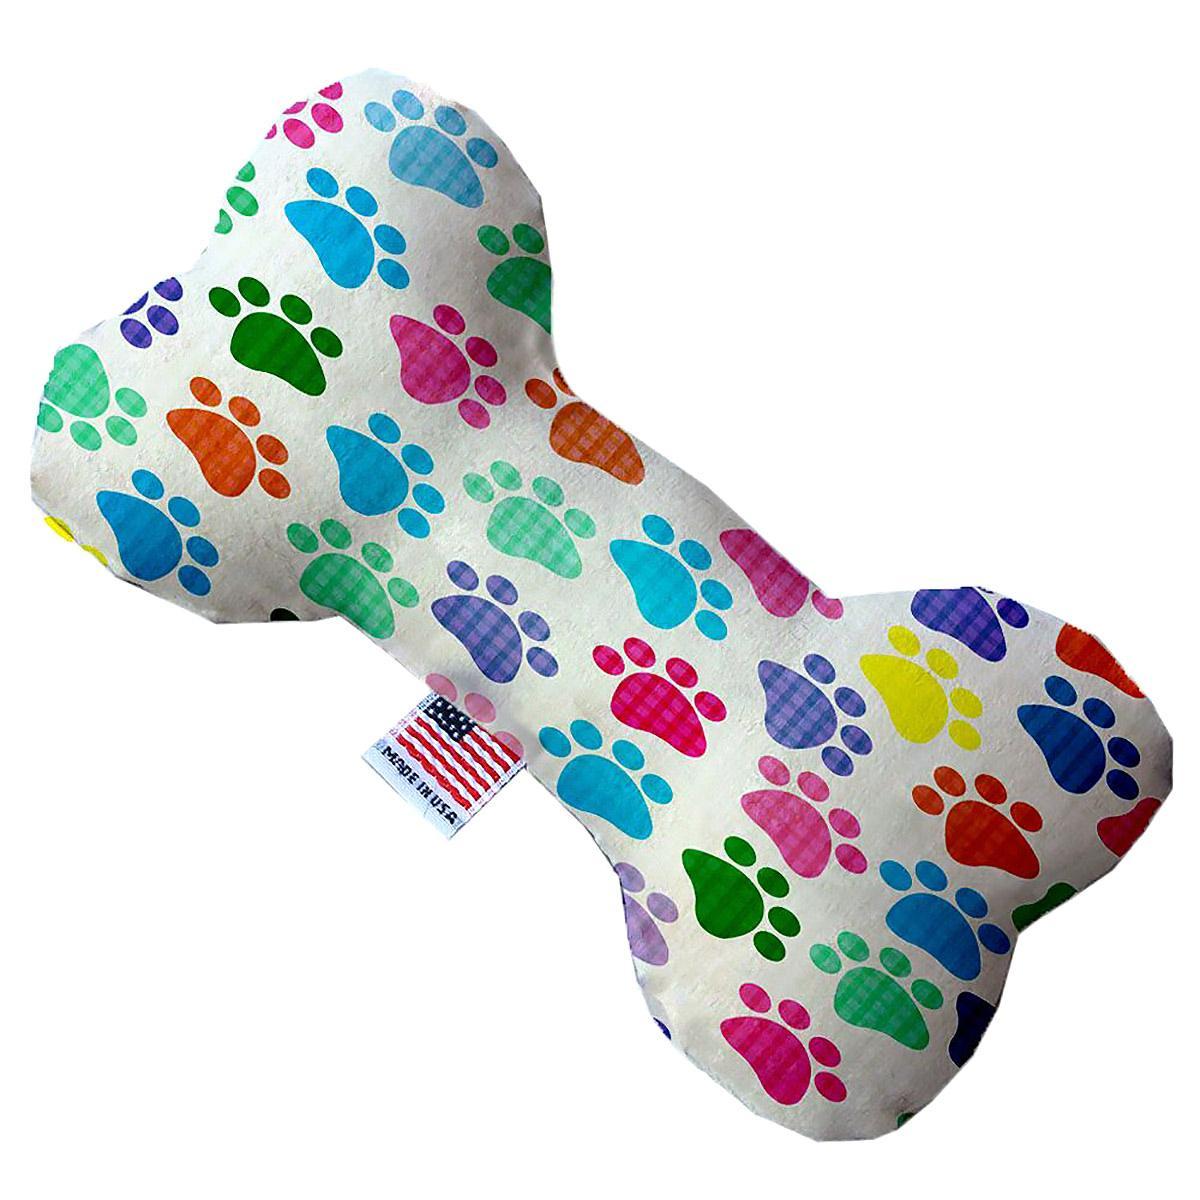 Bone Dog Toy - Confetti Paws